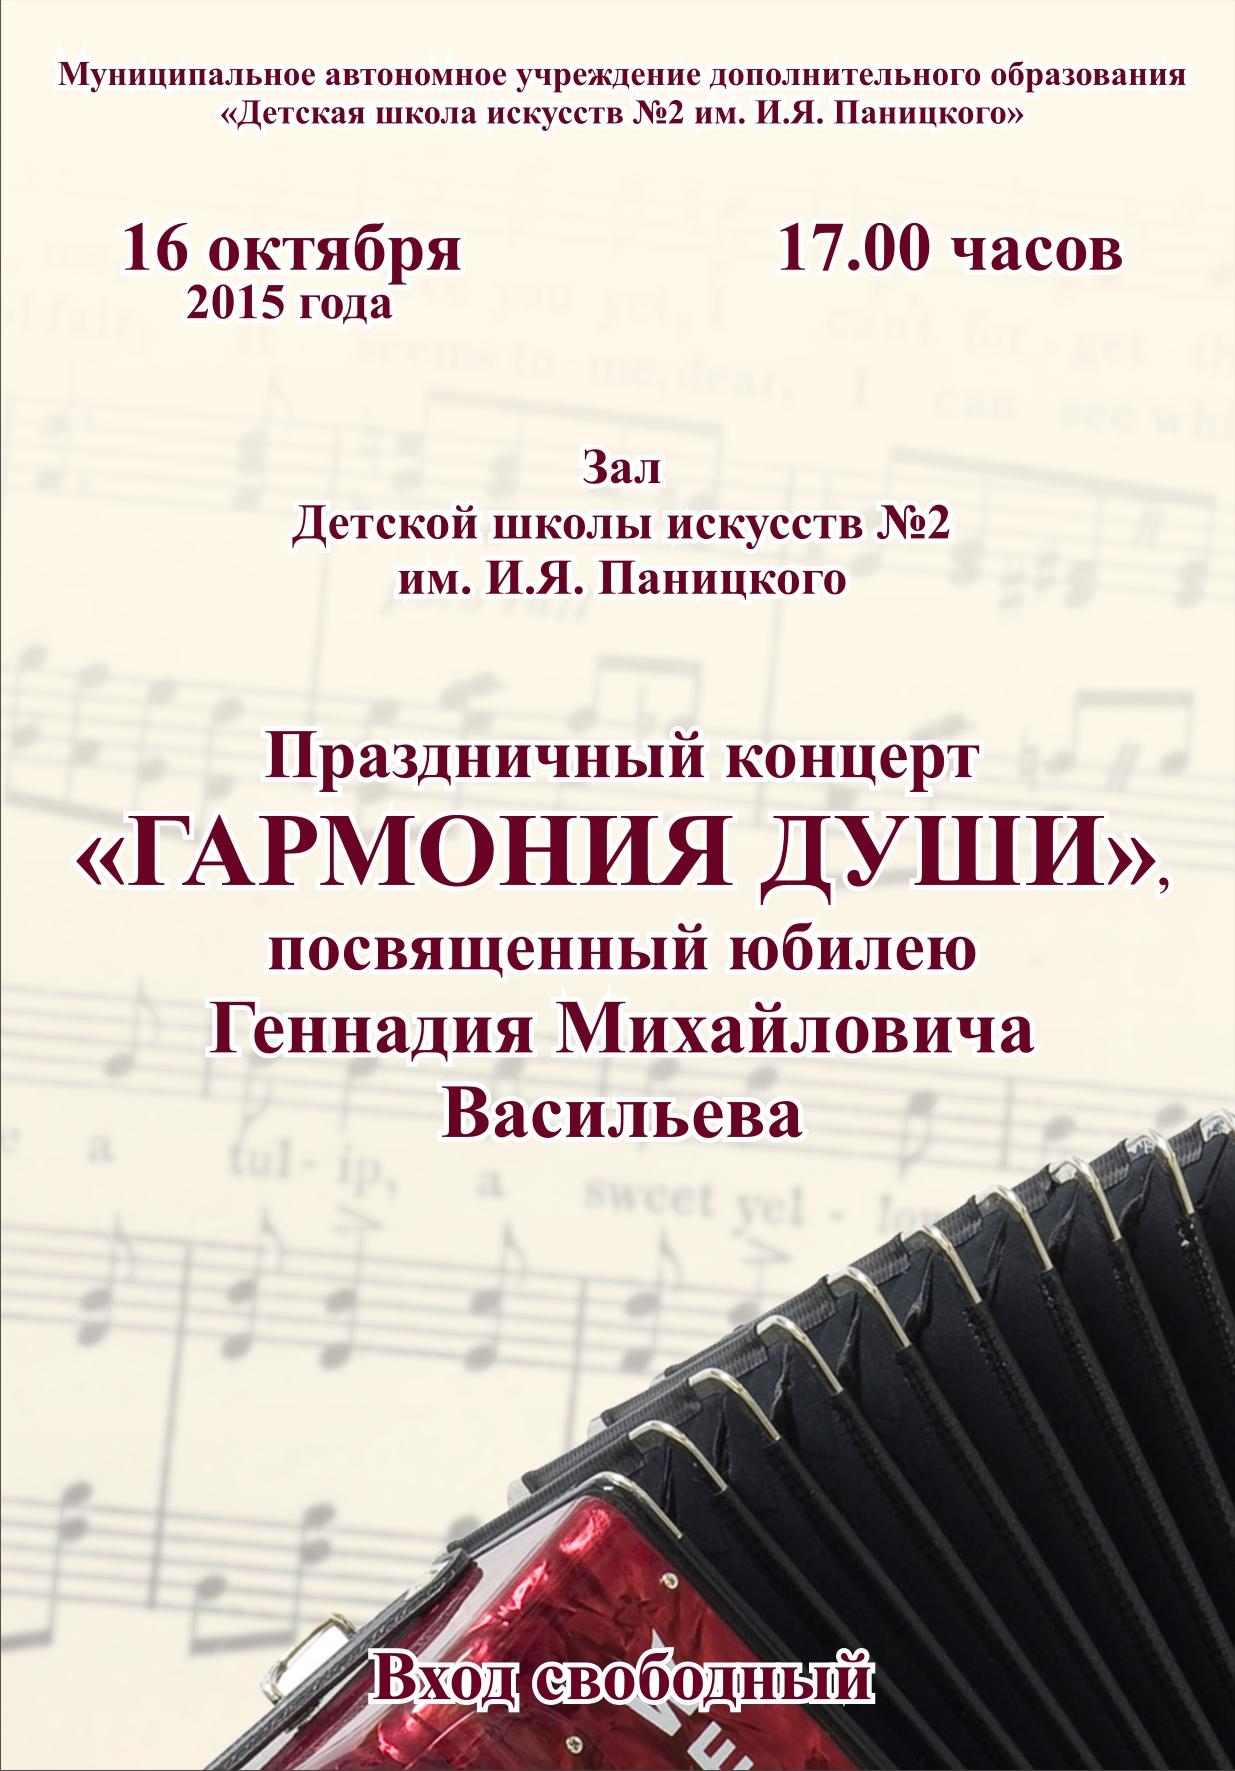 Афиша праздничный концерт 16 октября 2015г.